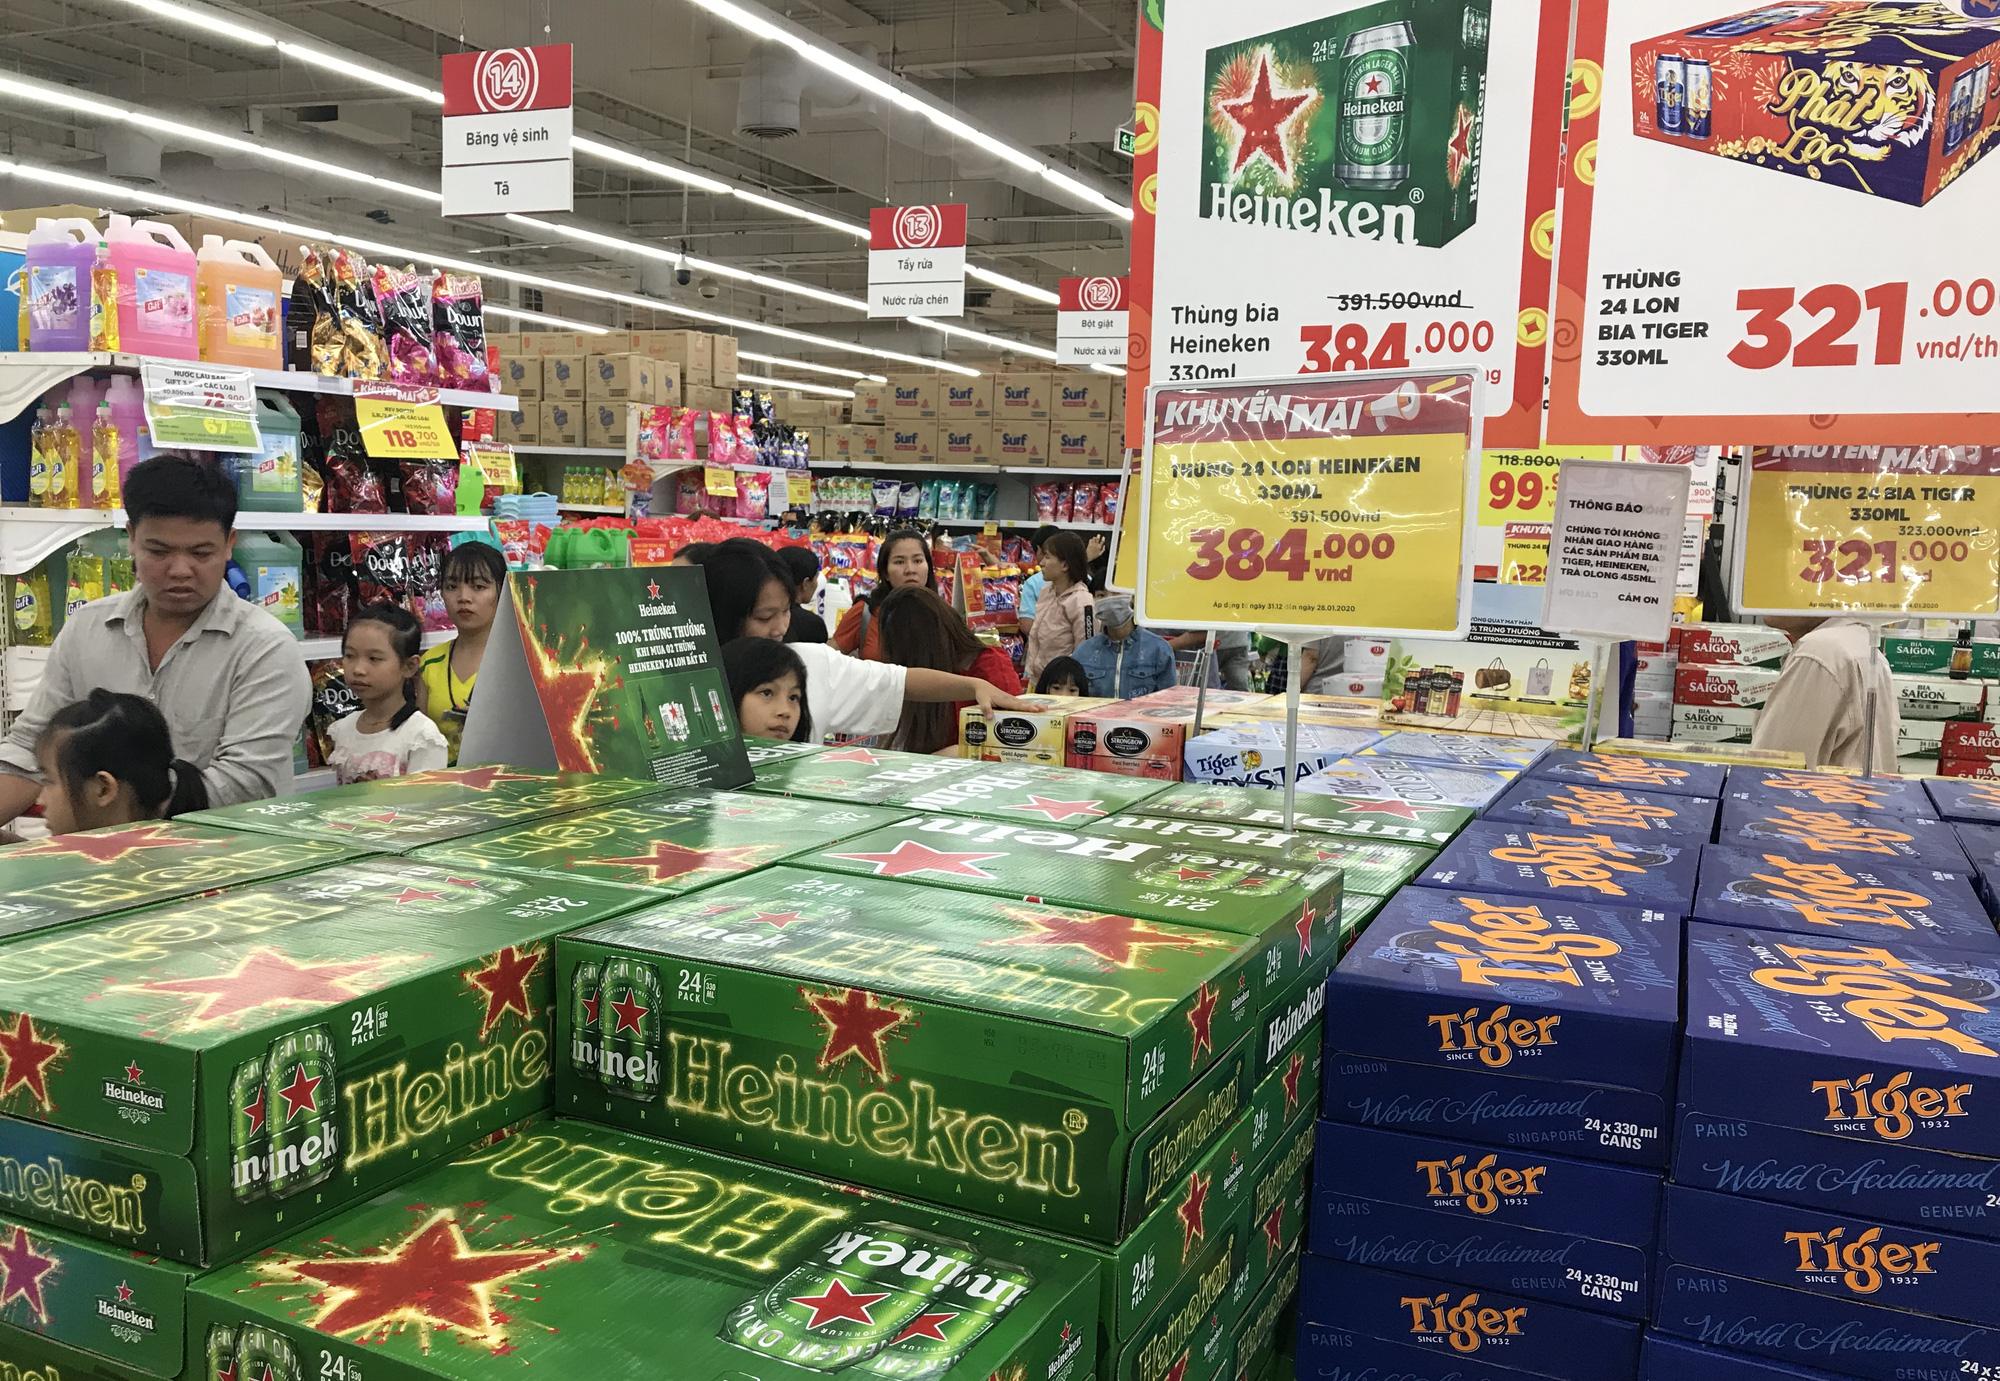 26 Tết, bia tại siêu thị còn ê hề, đại lí giảm giá vì dân nhậu 'ớn' Nghị định 100,  - Ảnh 3.